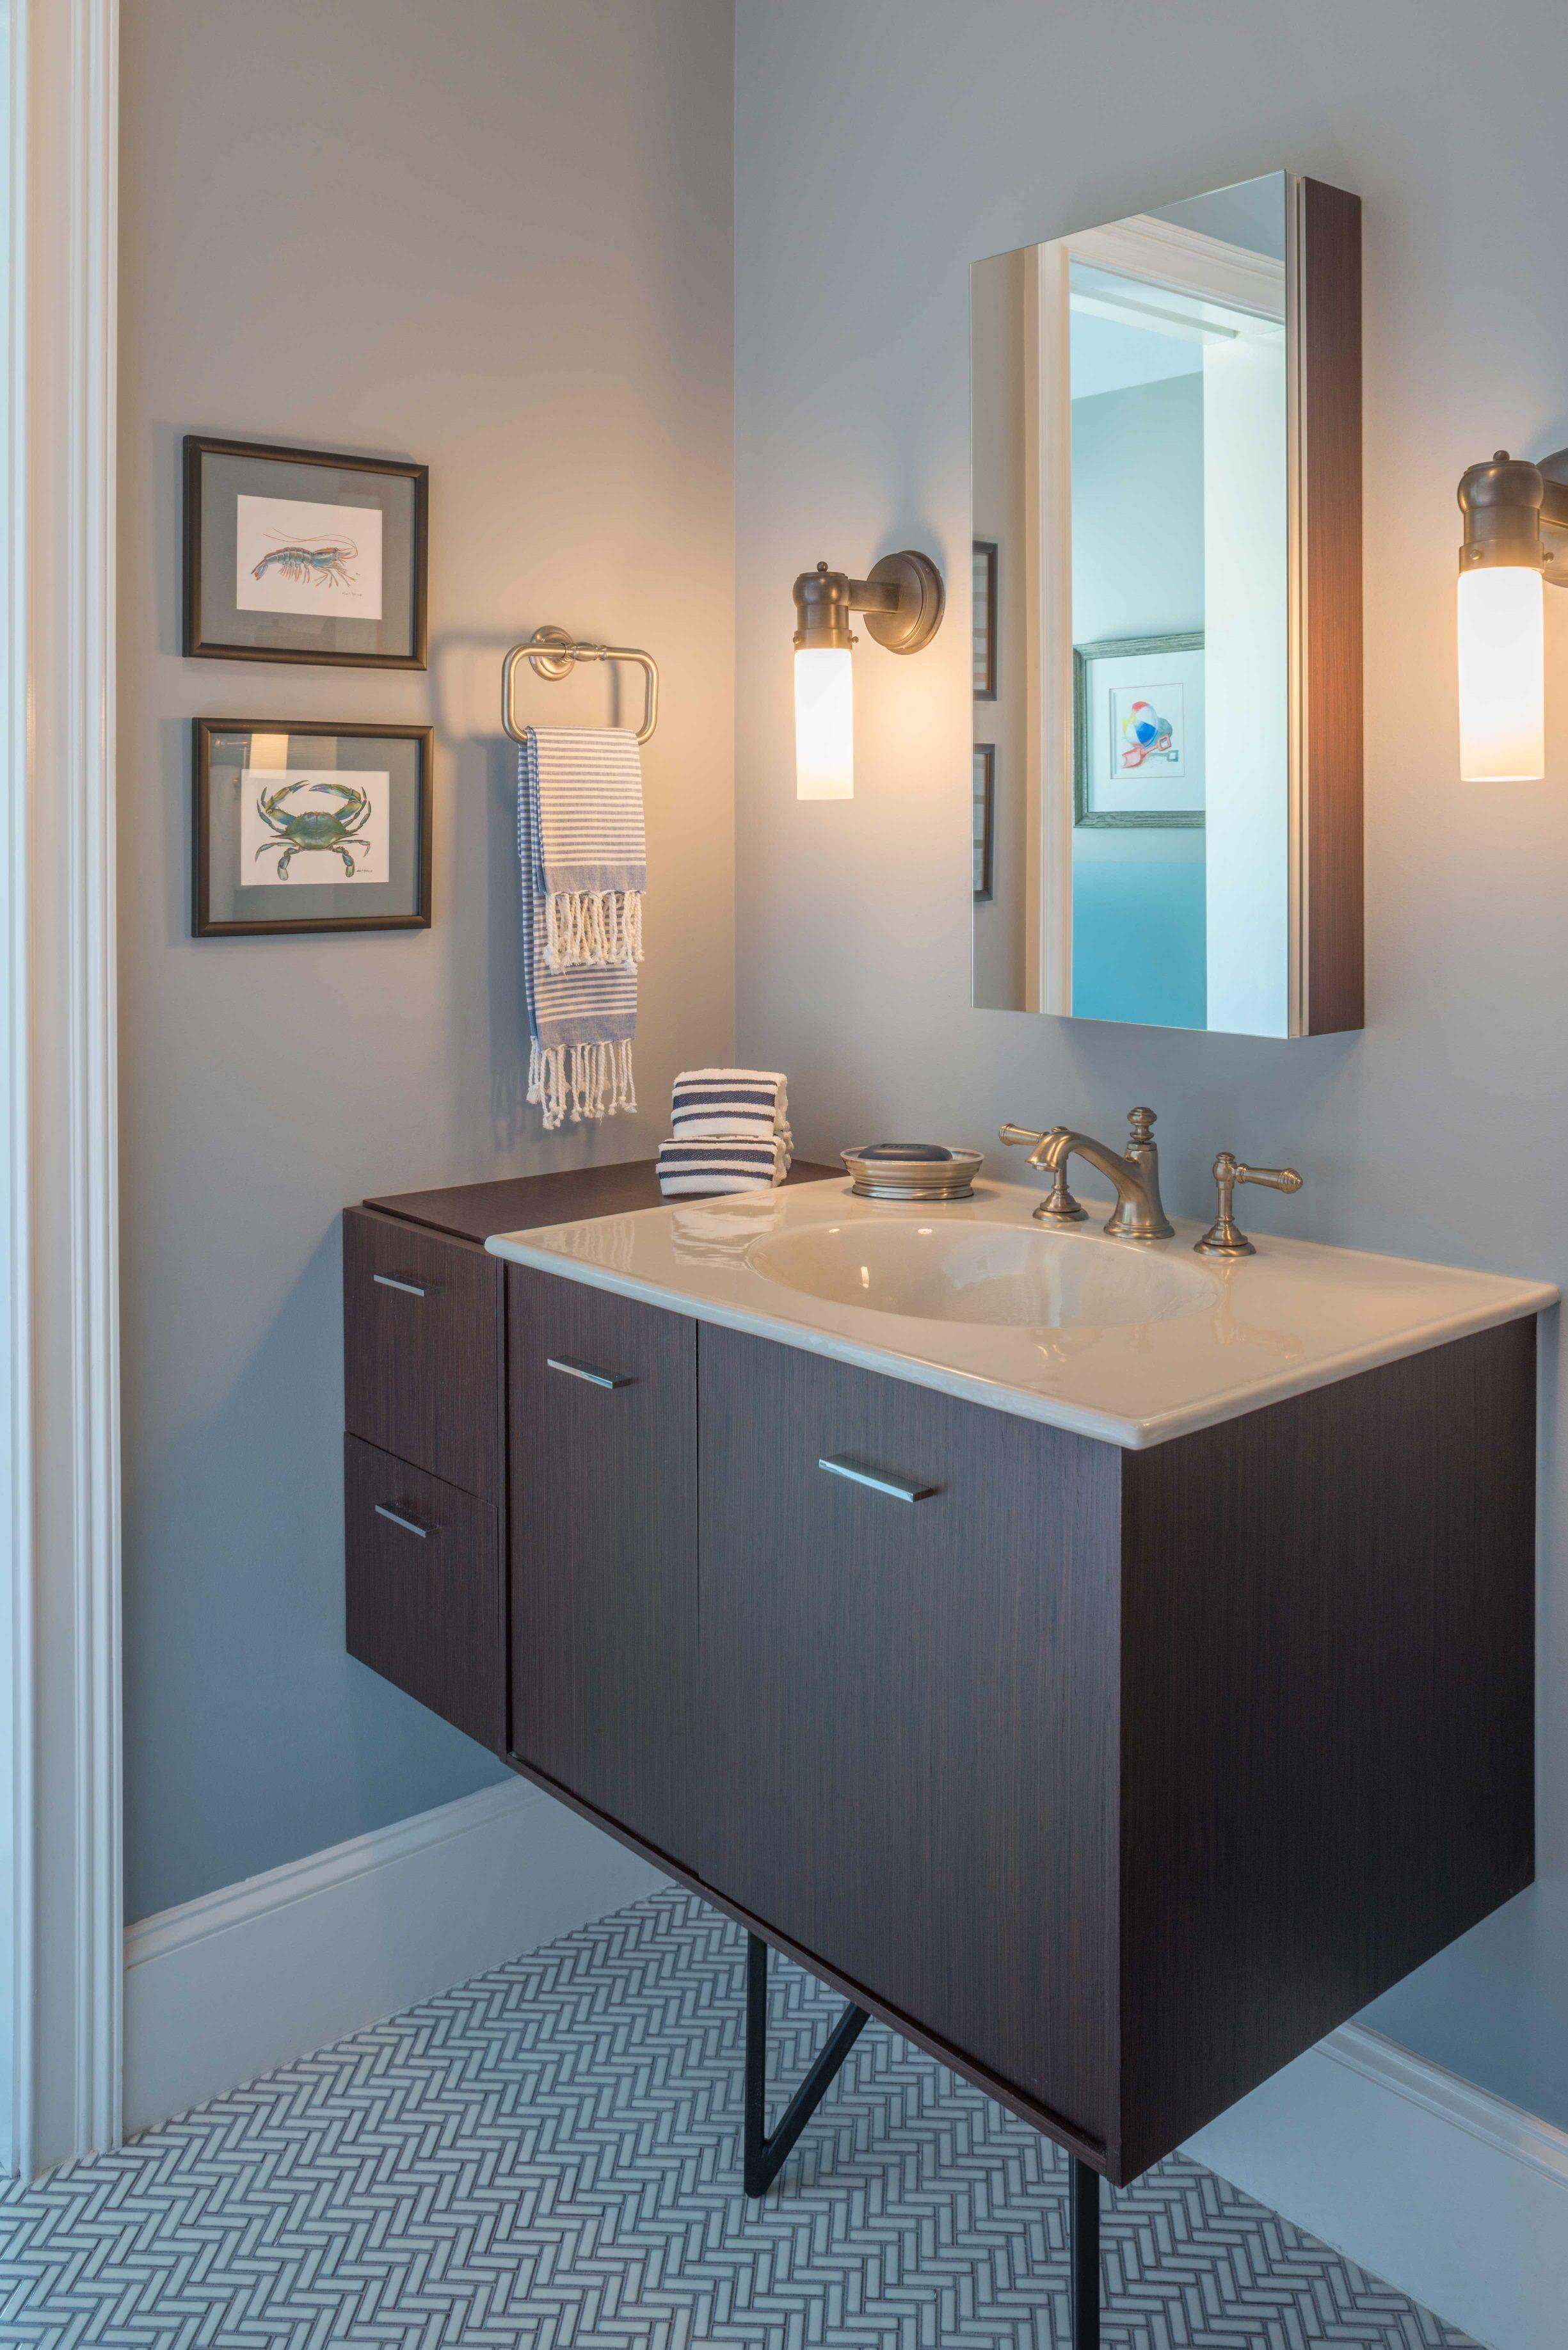 Benjamin moore colors for bathroom - Bathroom Colors Powder Room With Benjamin Moore S